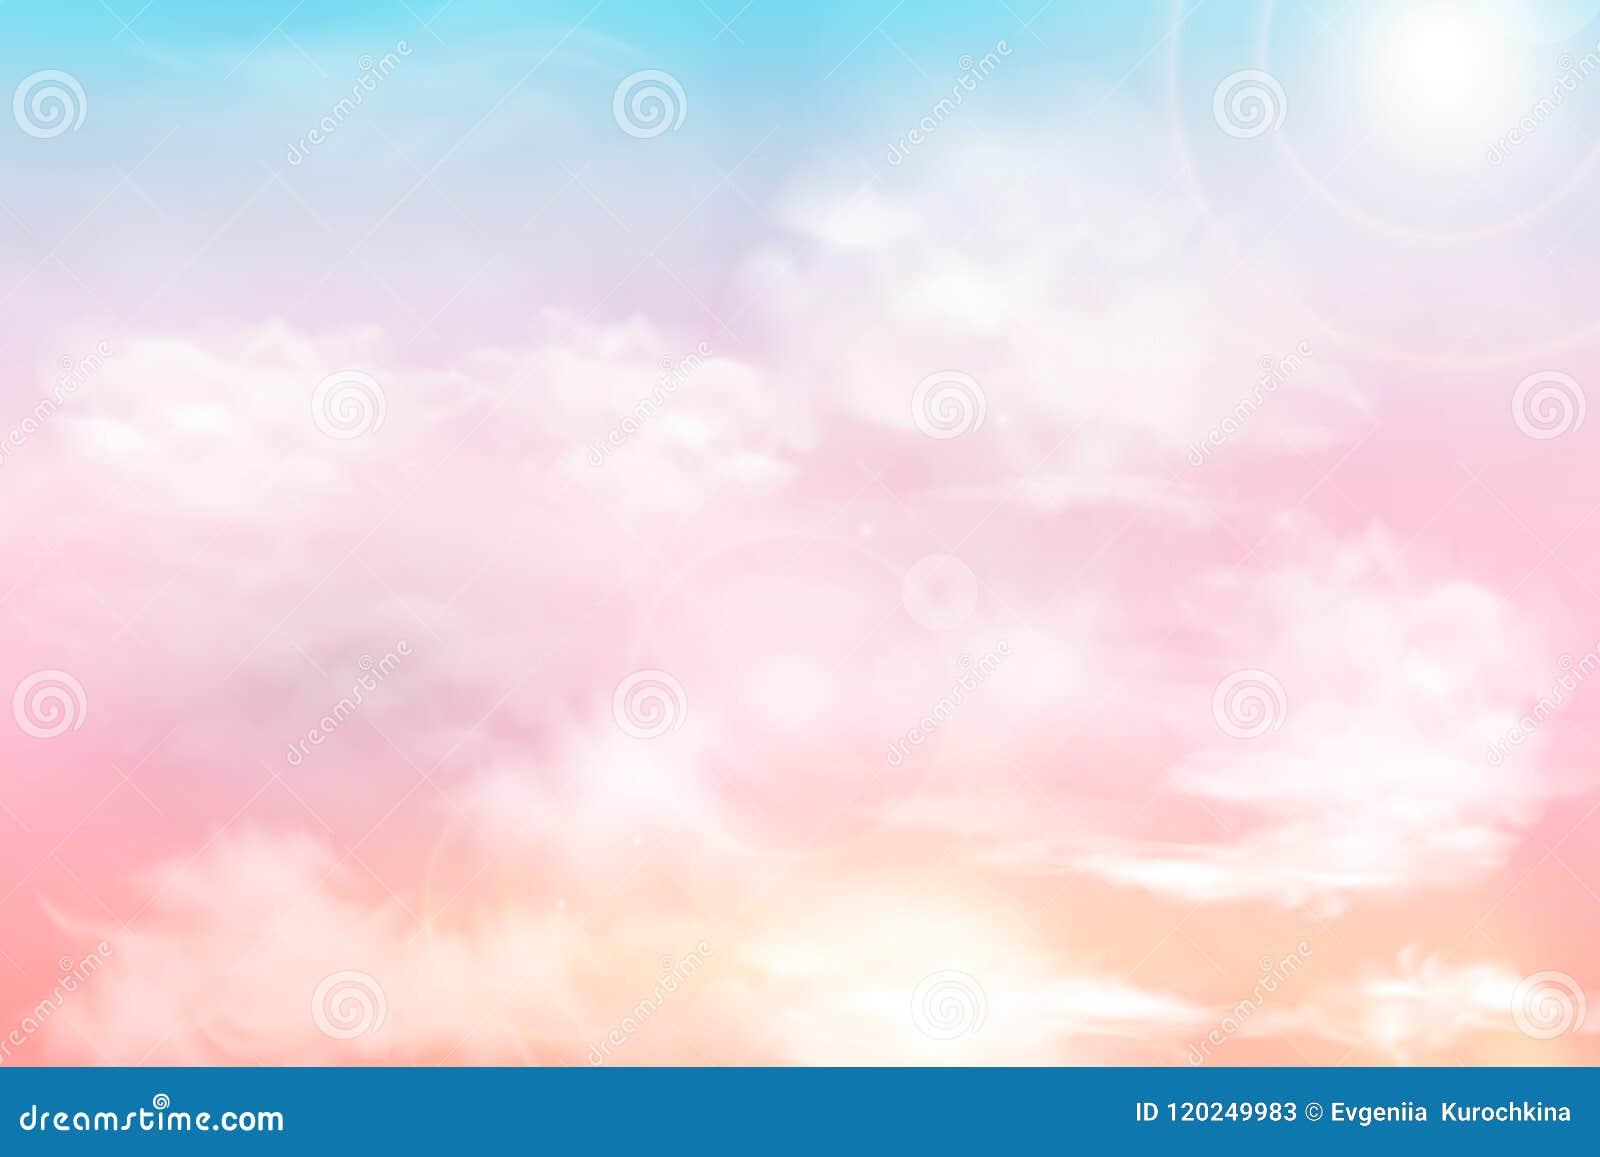 Słońca i chmur tło z miękkim pastelowym kolorem Fantazi magicznego pogodnego nieba pastelowy tło z kolorowy chmurnym